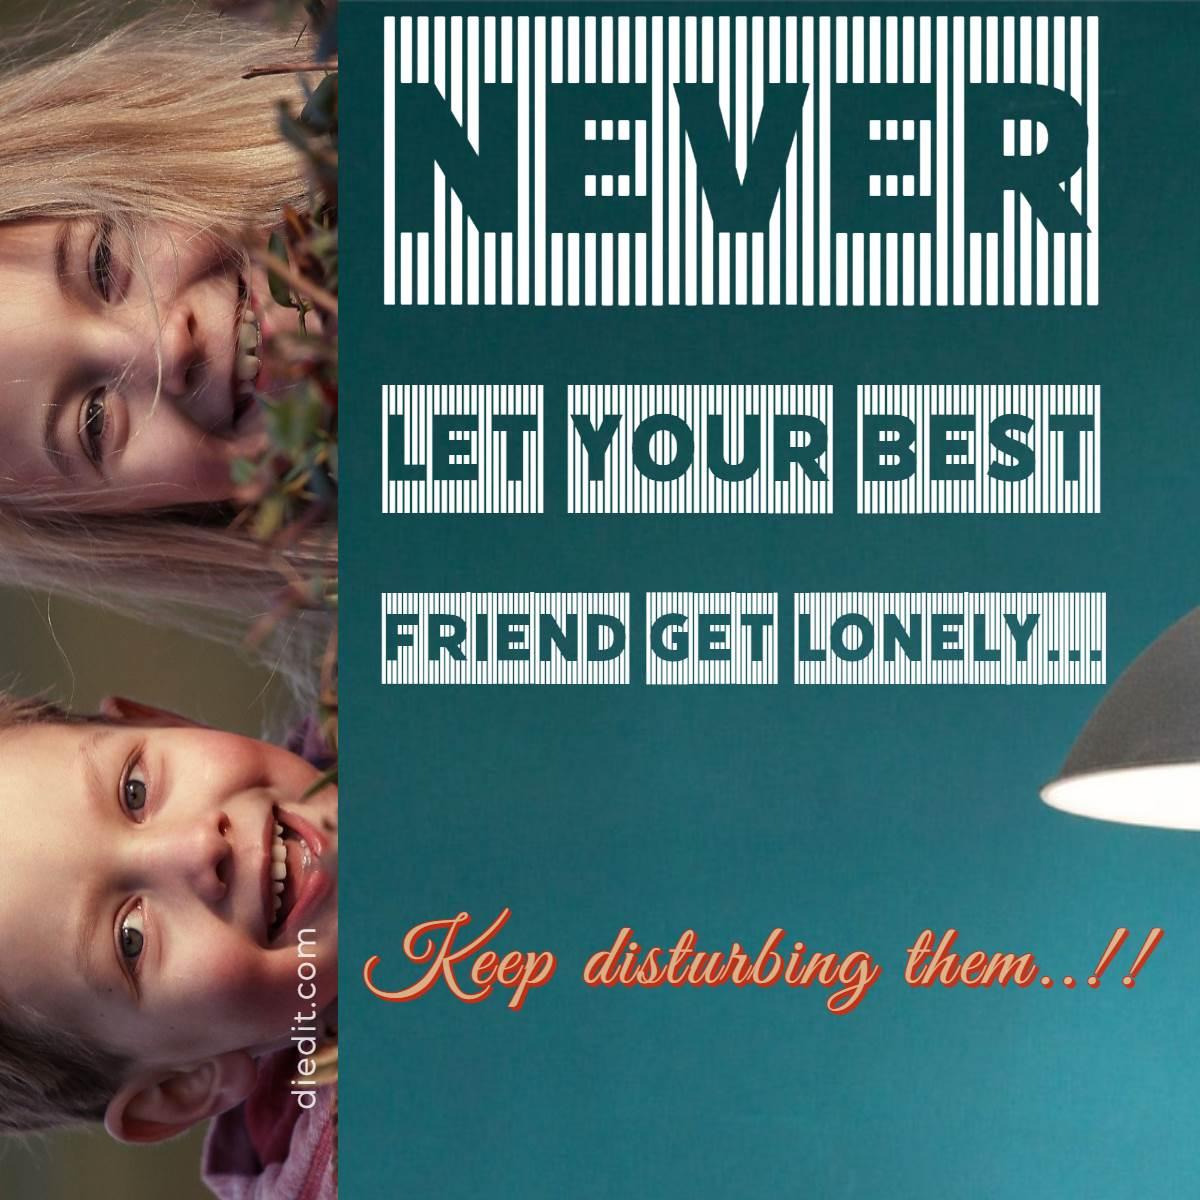 100 Kata Kata Persahabatan Lucu Gambar Untuk Teman Sejati